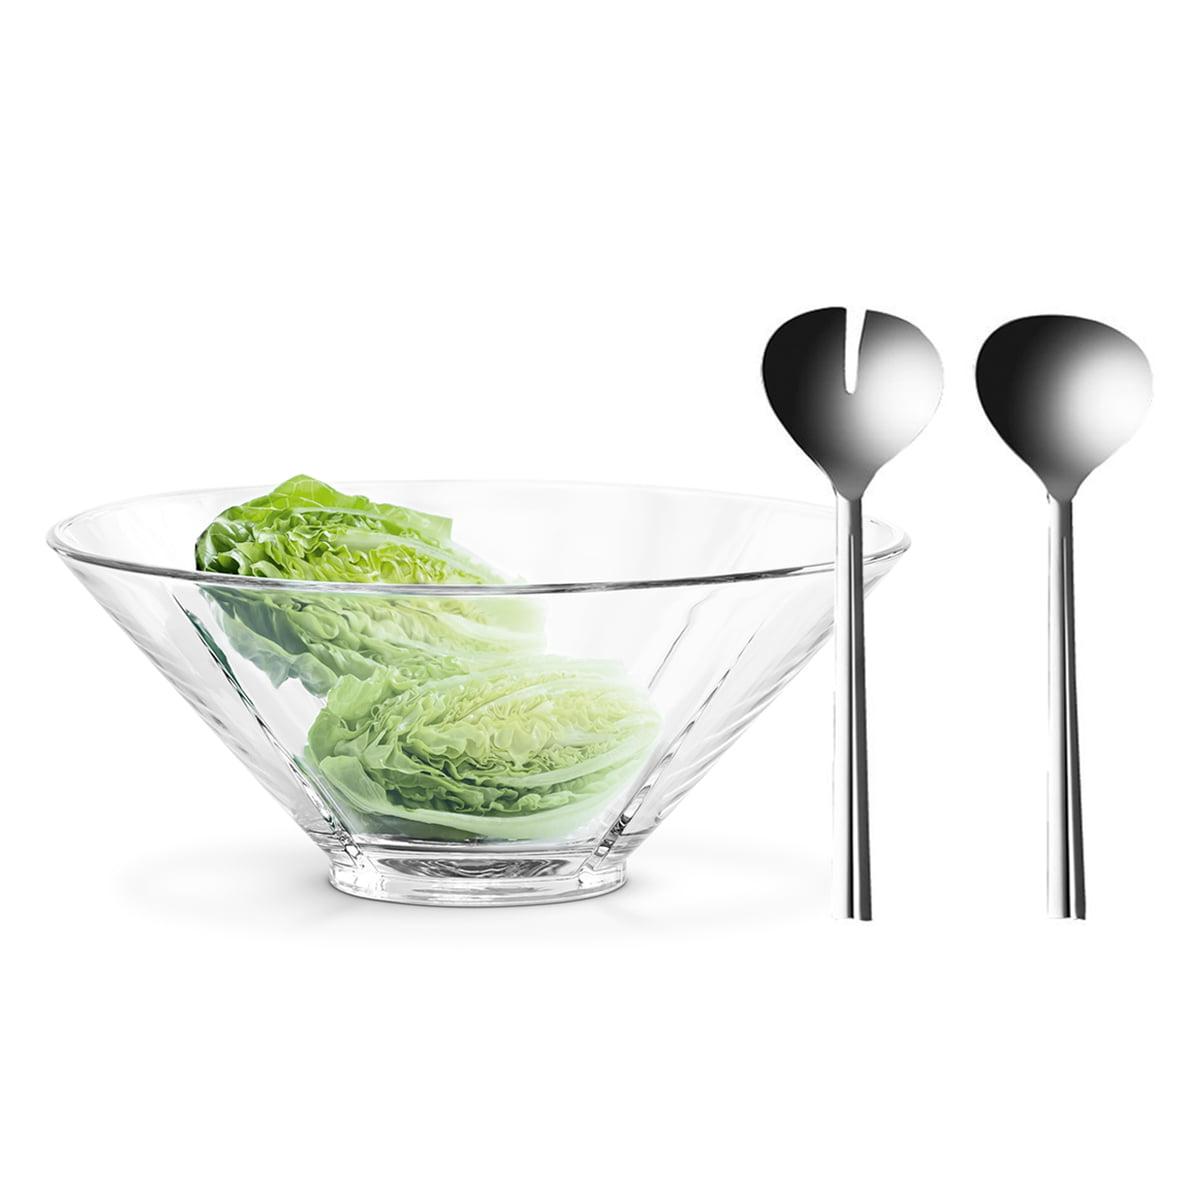 Grand Cru Salatset